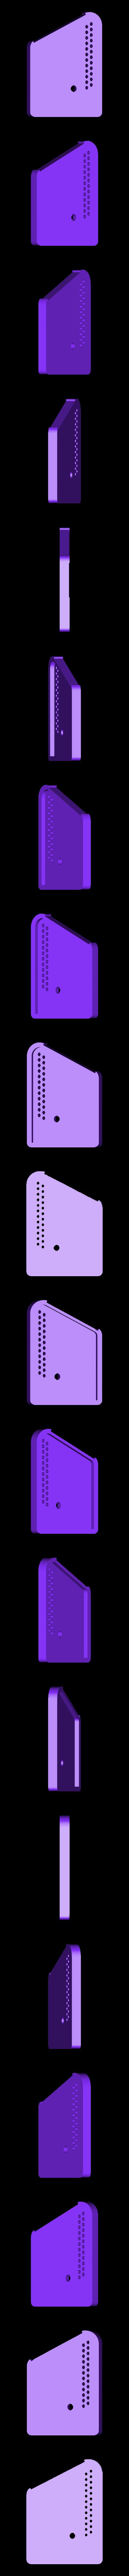 case_right.STL Télécharger fichier STL gratuit Gobelet rotatif • Plan à imprimer en 3D, perinski